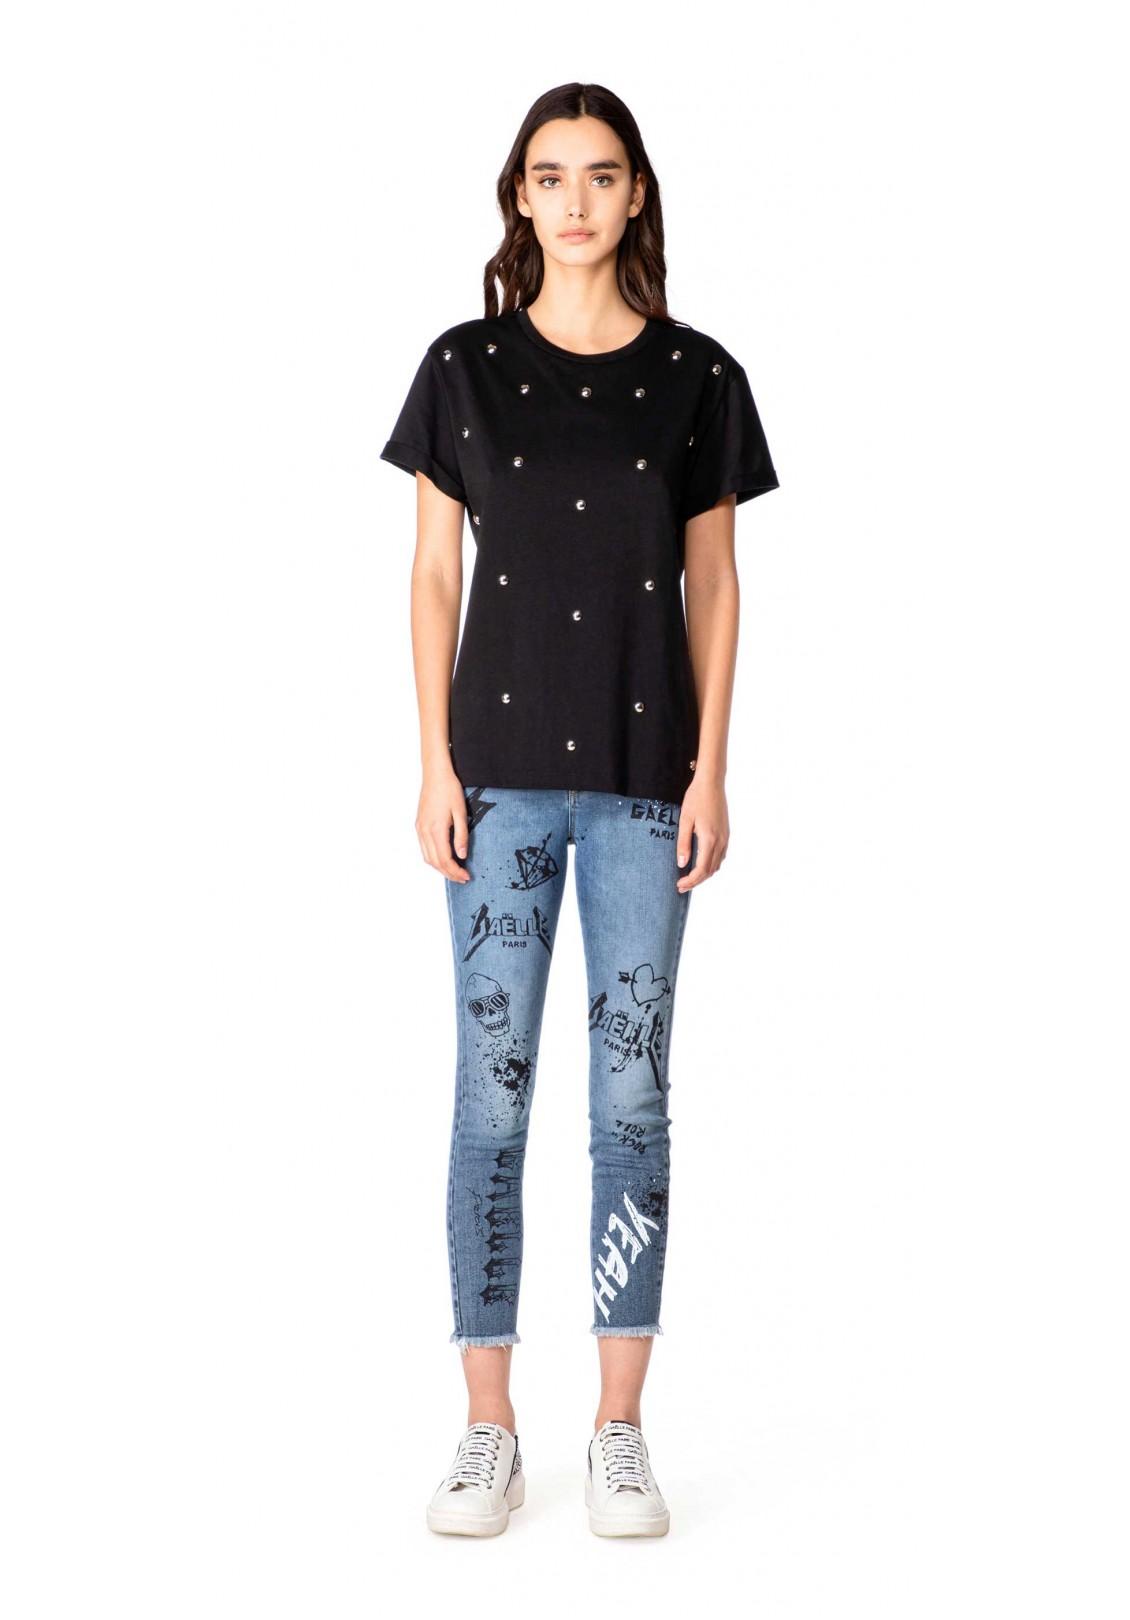 Gaelle T-shirt Donna Nero Gaelle   GBD8715NERO